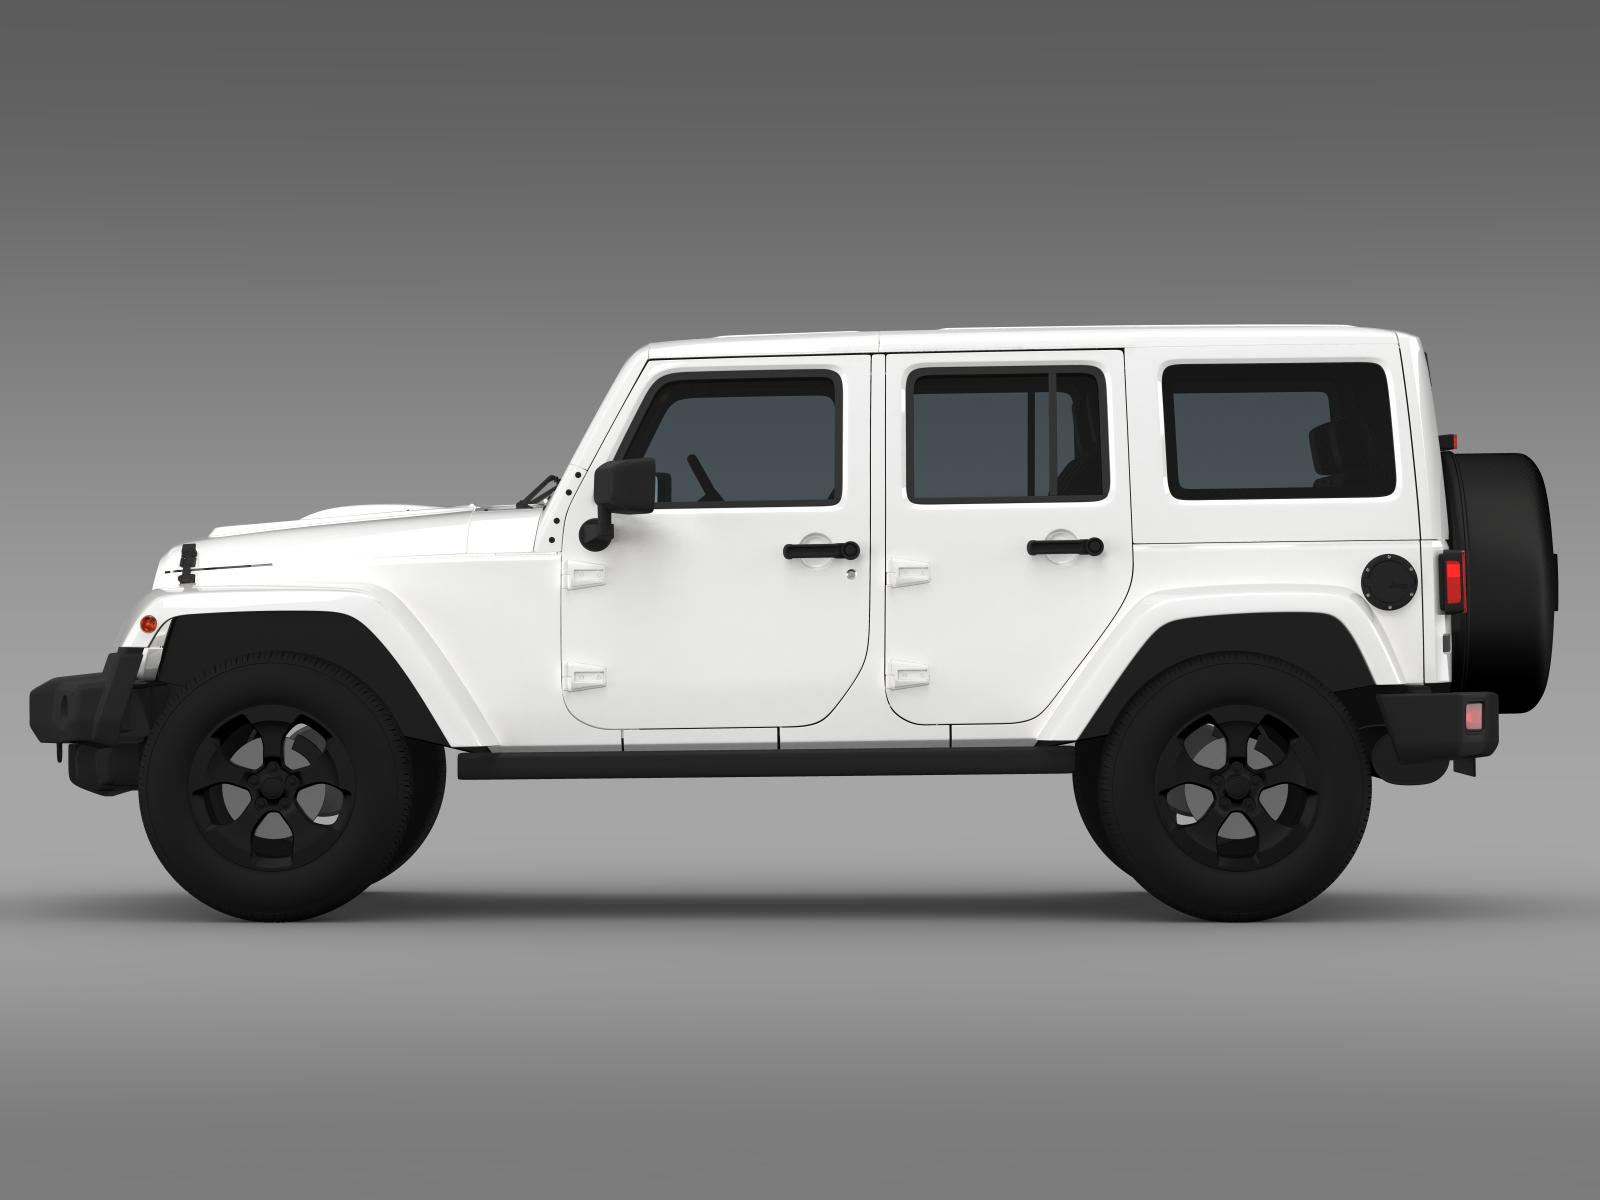 jeep wrangler black edition 2 2015 3d model. Black Bedroom Furniture Sets. Home Design Ideas